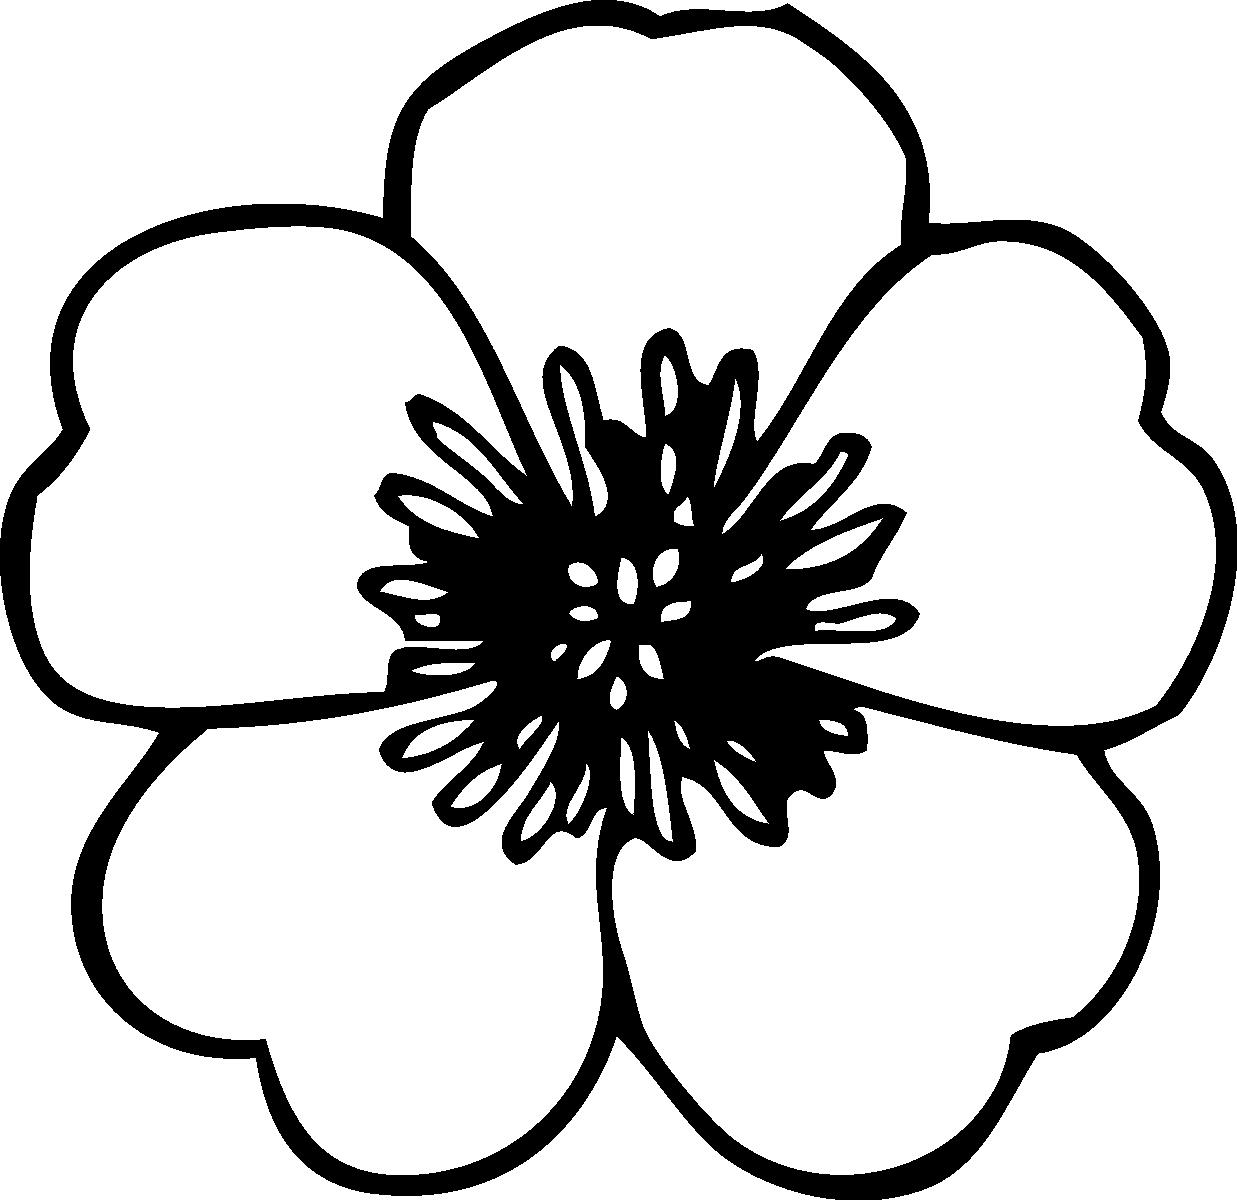 Tranh tô màu bông hoa đơn giản nhất